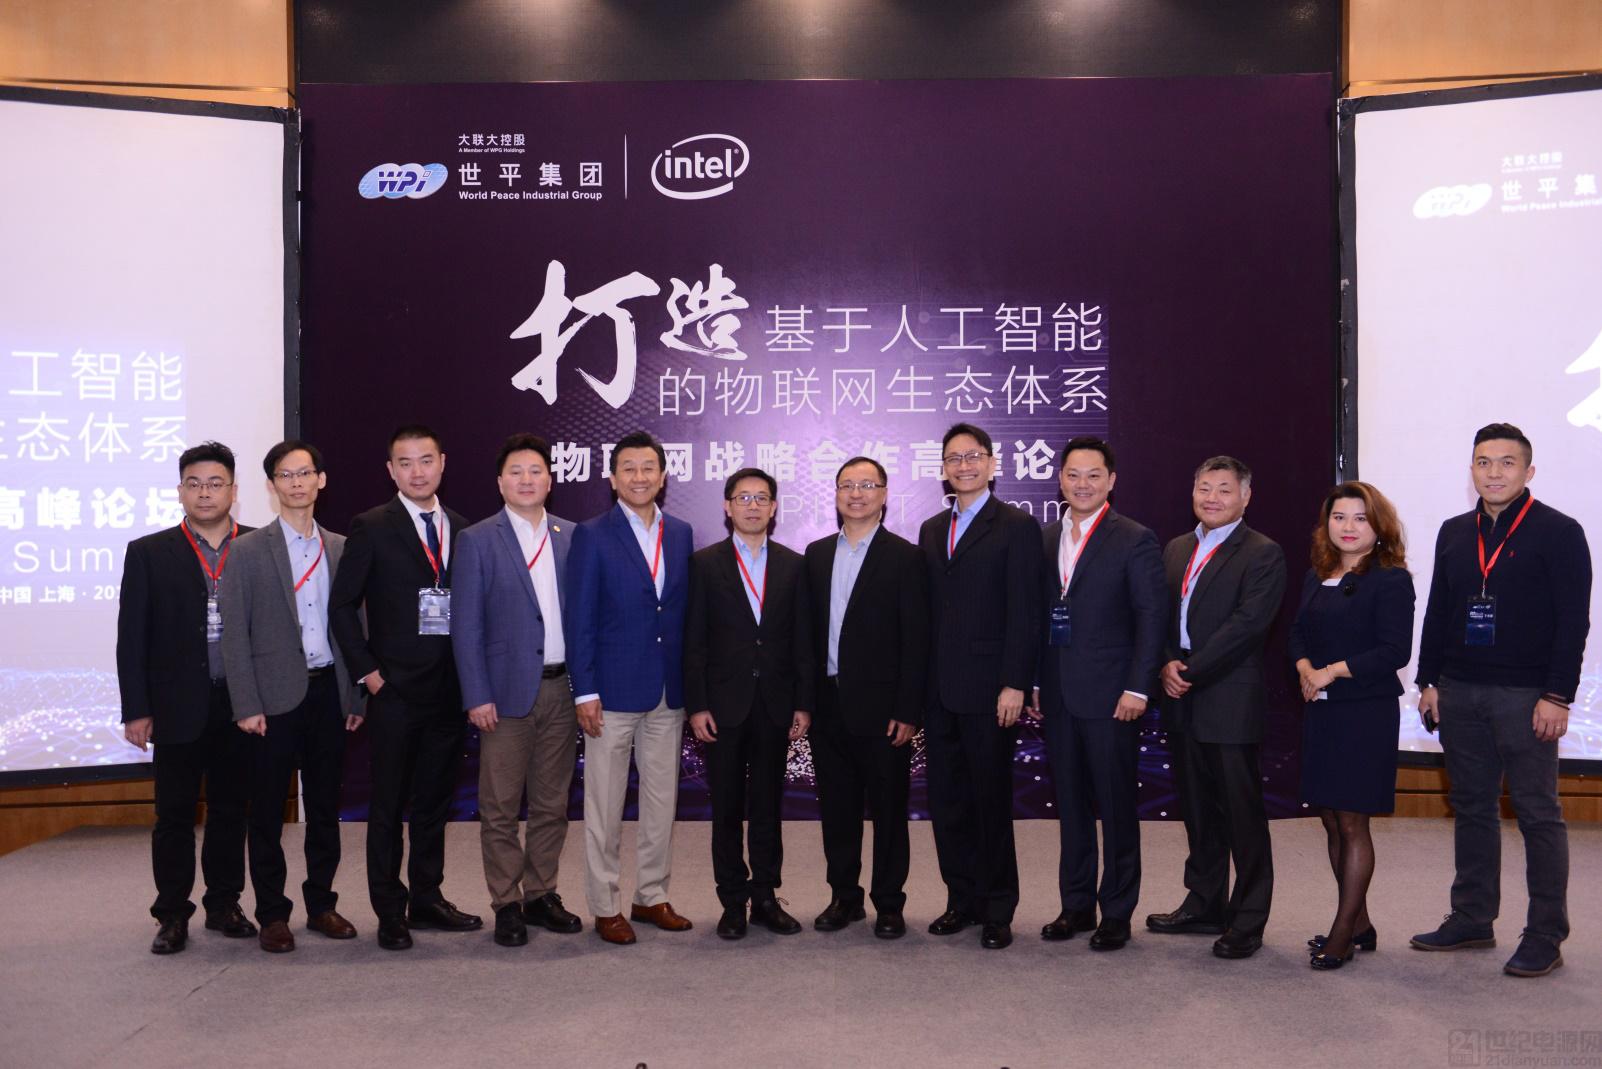 物联网战略合作高峰论坛圆满落幕,大联大世平集团与 Intel 携手共创基于人工智能的物联网生态体系